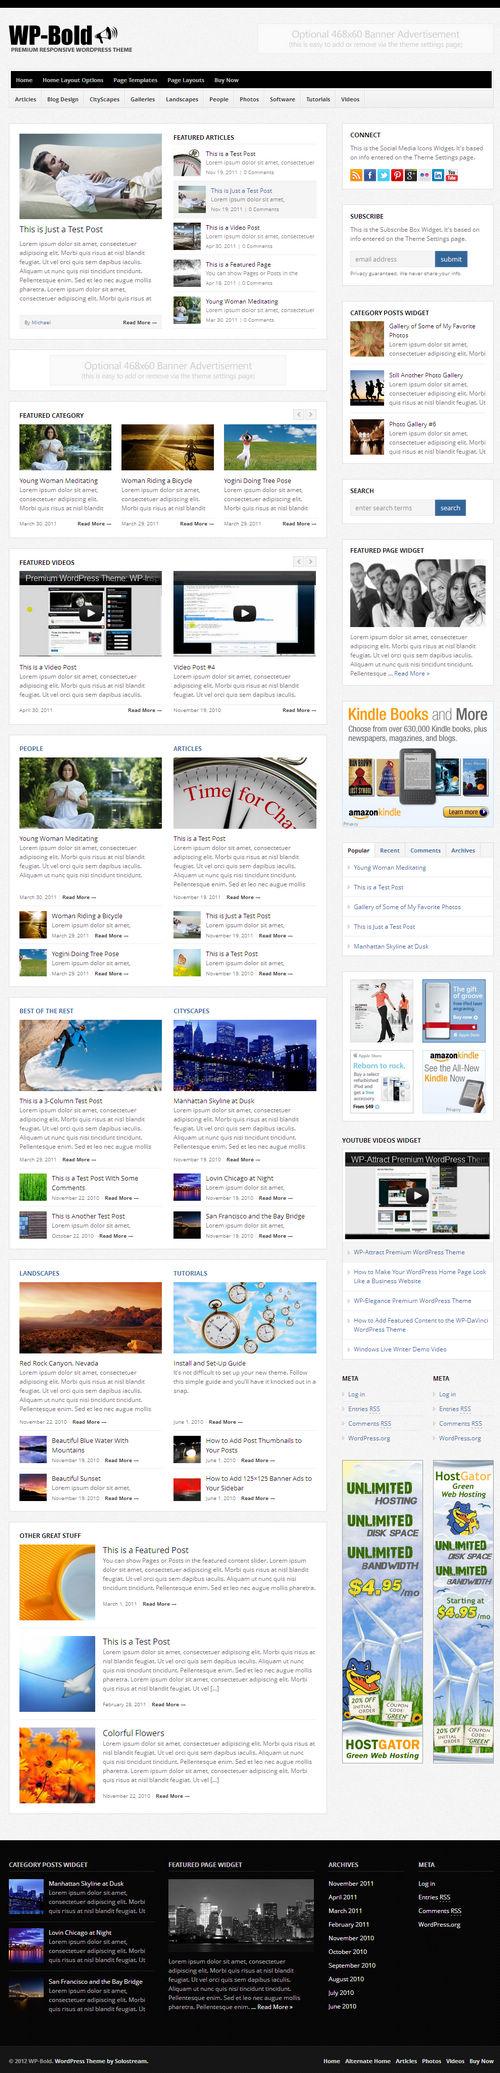 WP-Bold WordPress Theme